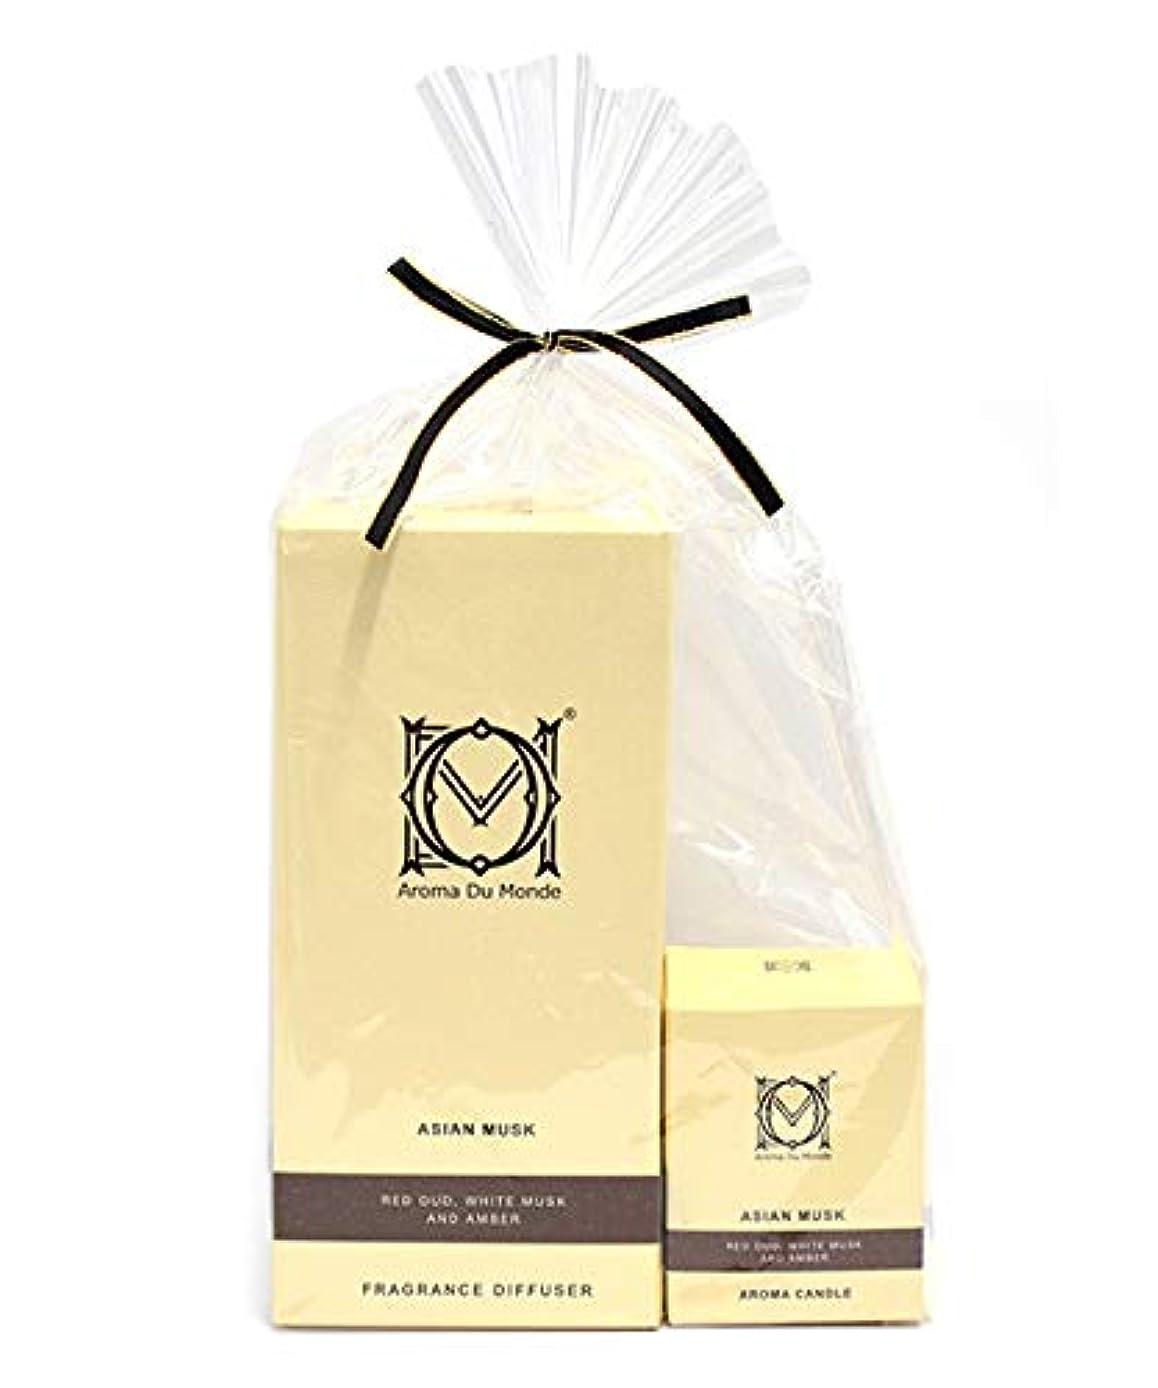 離れてバンドペストフレグランスディフューザー&キャンドル アジアンムスク セット Aroma Du Monde/ADM Fragrance Diffuser & Candle Asian Musk Set 81157